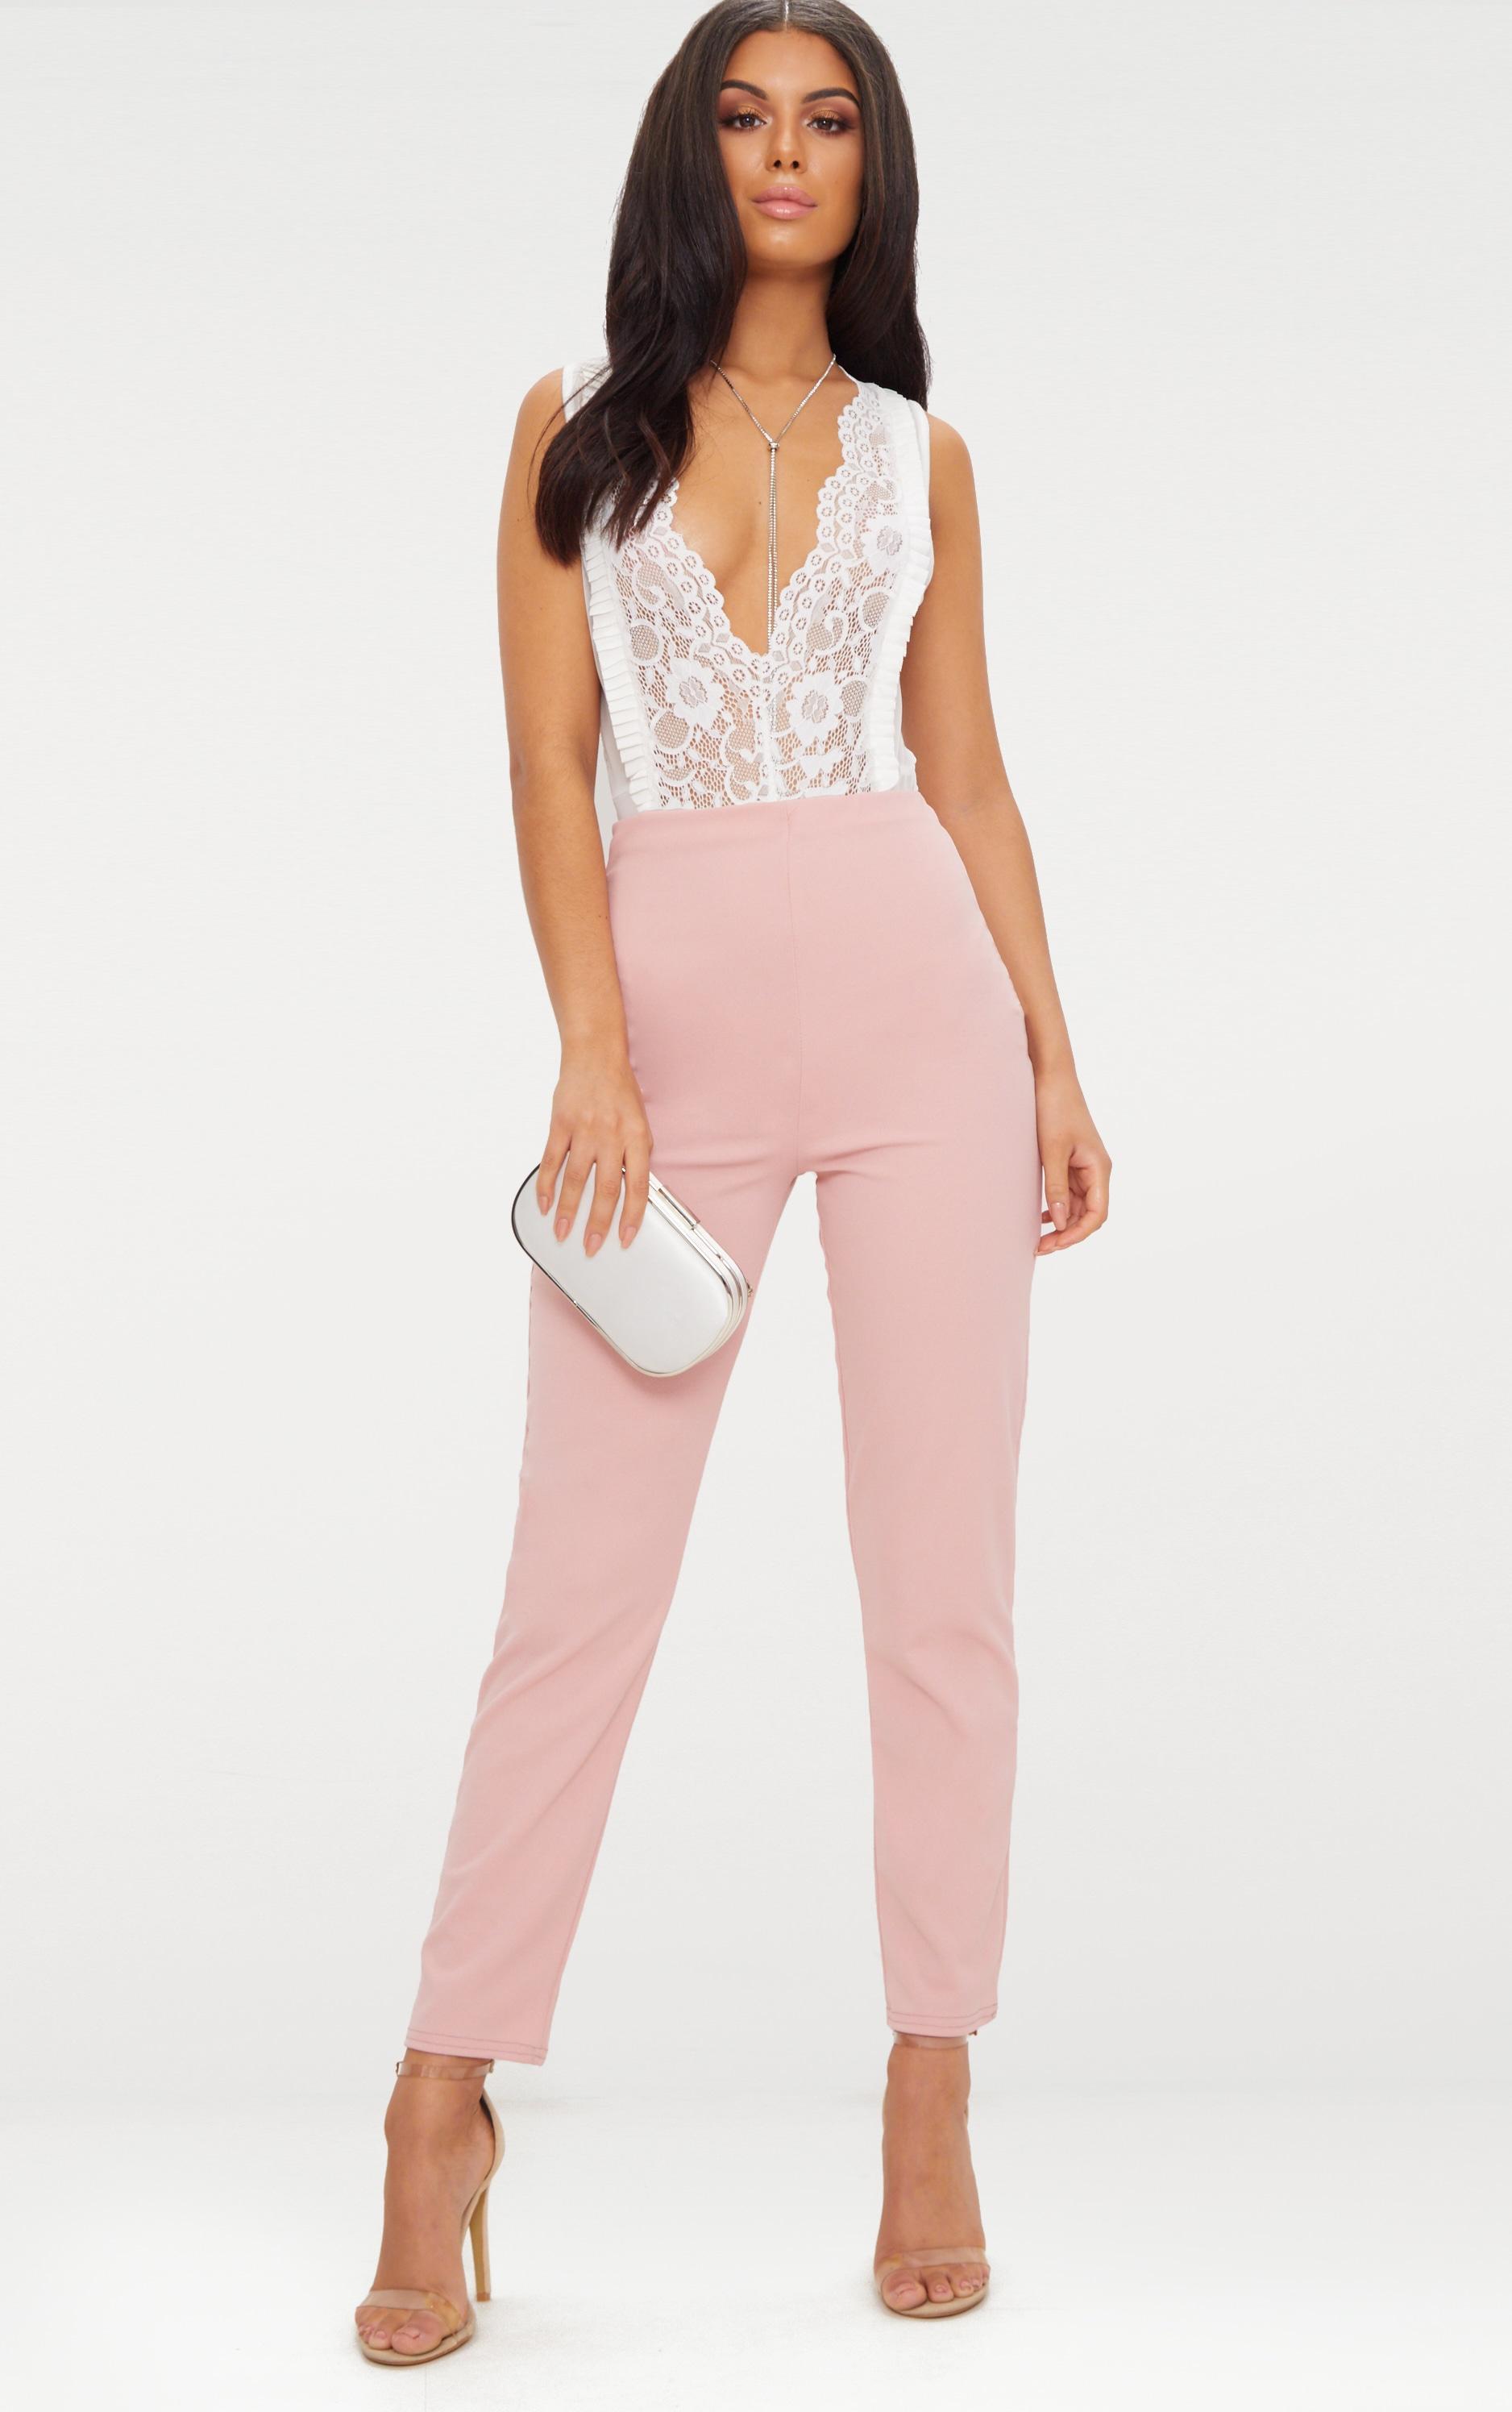 Pantalon slim rose pastel en crêpe  1